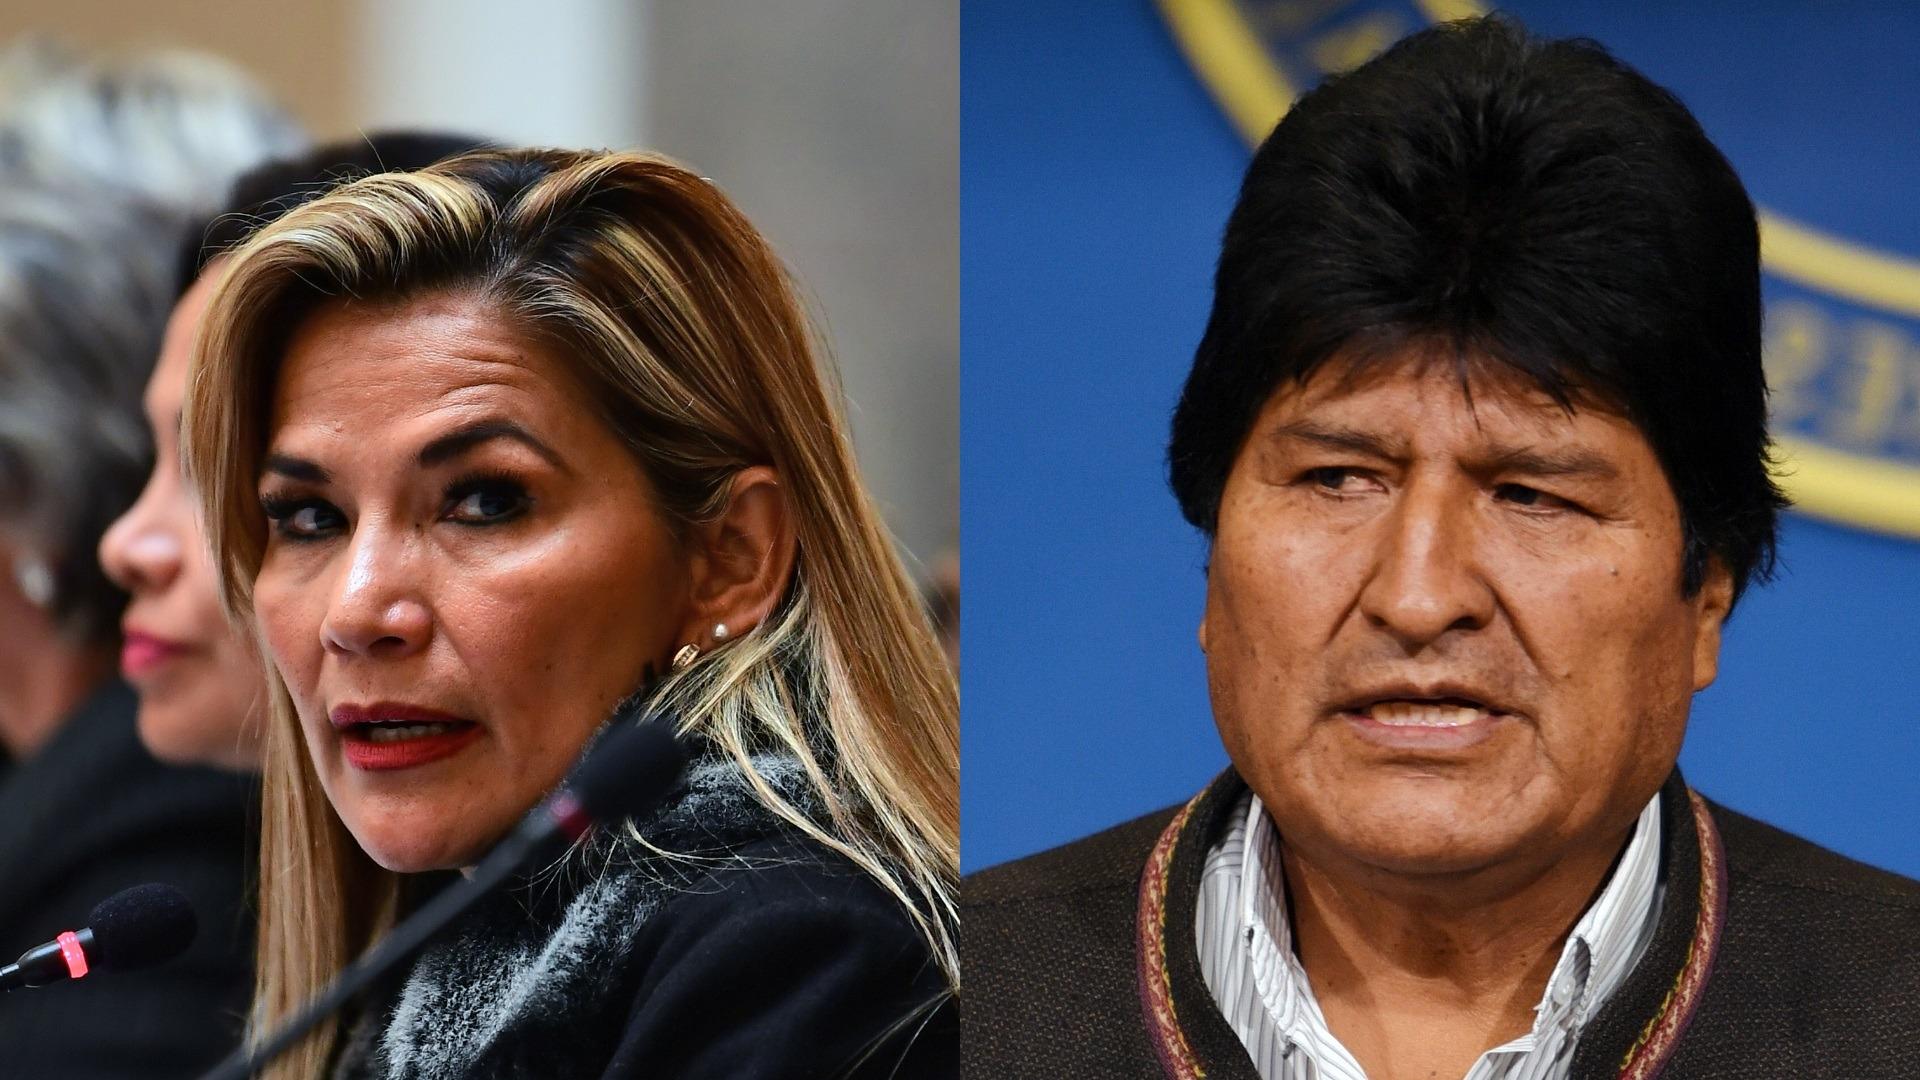 Presidente interina de Bolivia, Jeanine Añez, lanza advertencia al exmandatario Evo Morales.